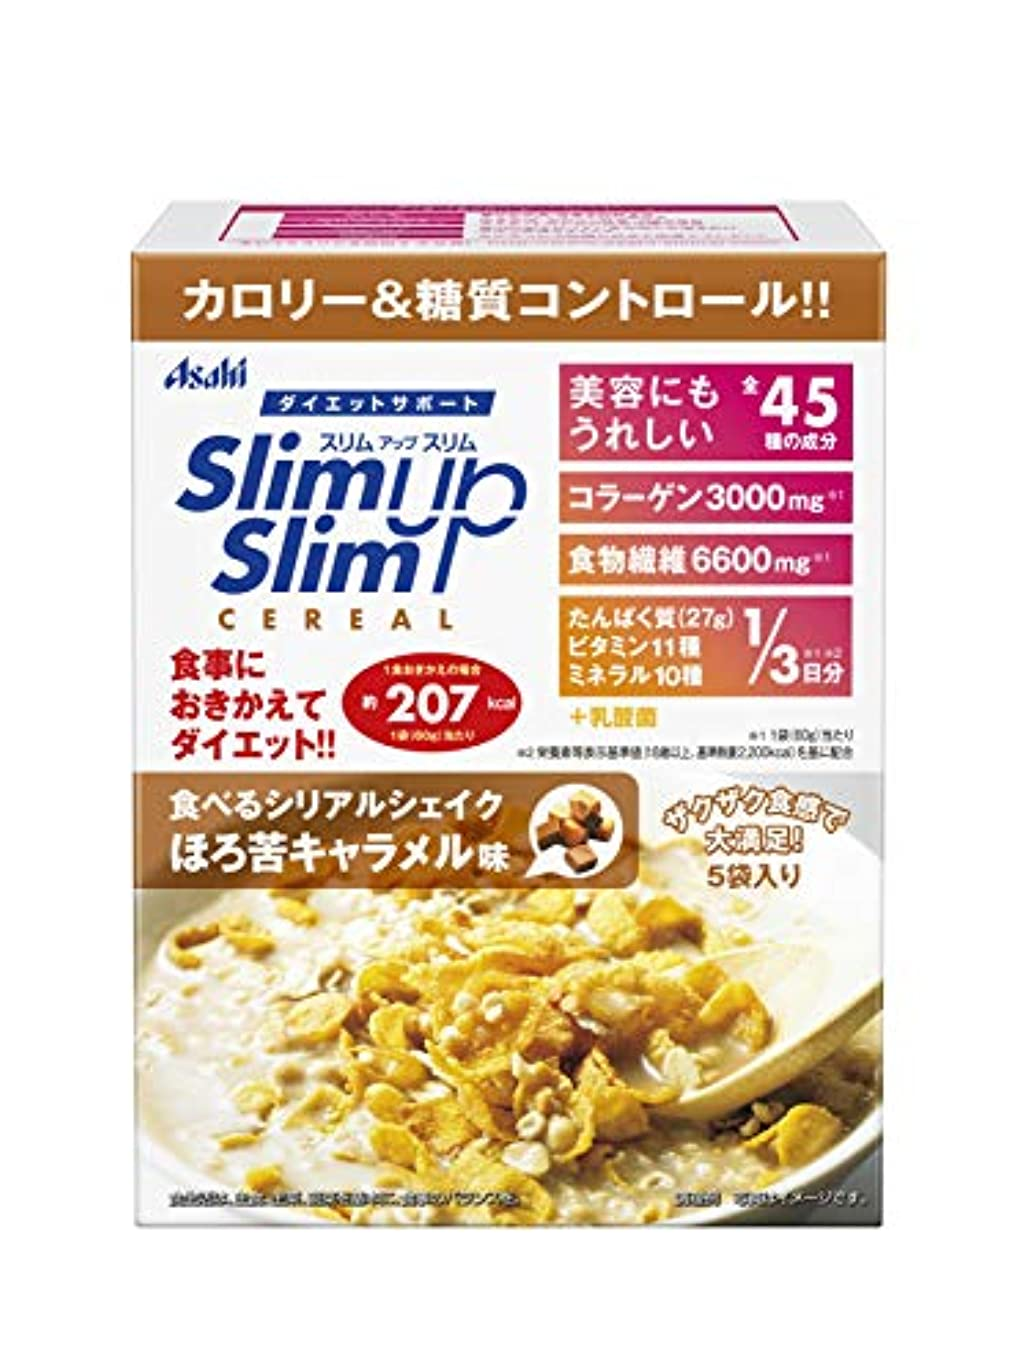 掃くシリング斧スリムアップスリム 食べるシリアルシェイク ほろ苦キャラメル味 300g (60g×5袋)